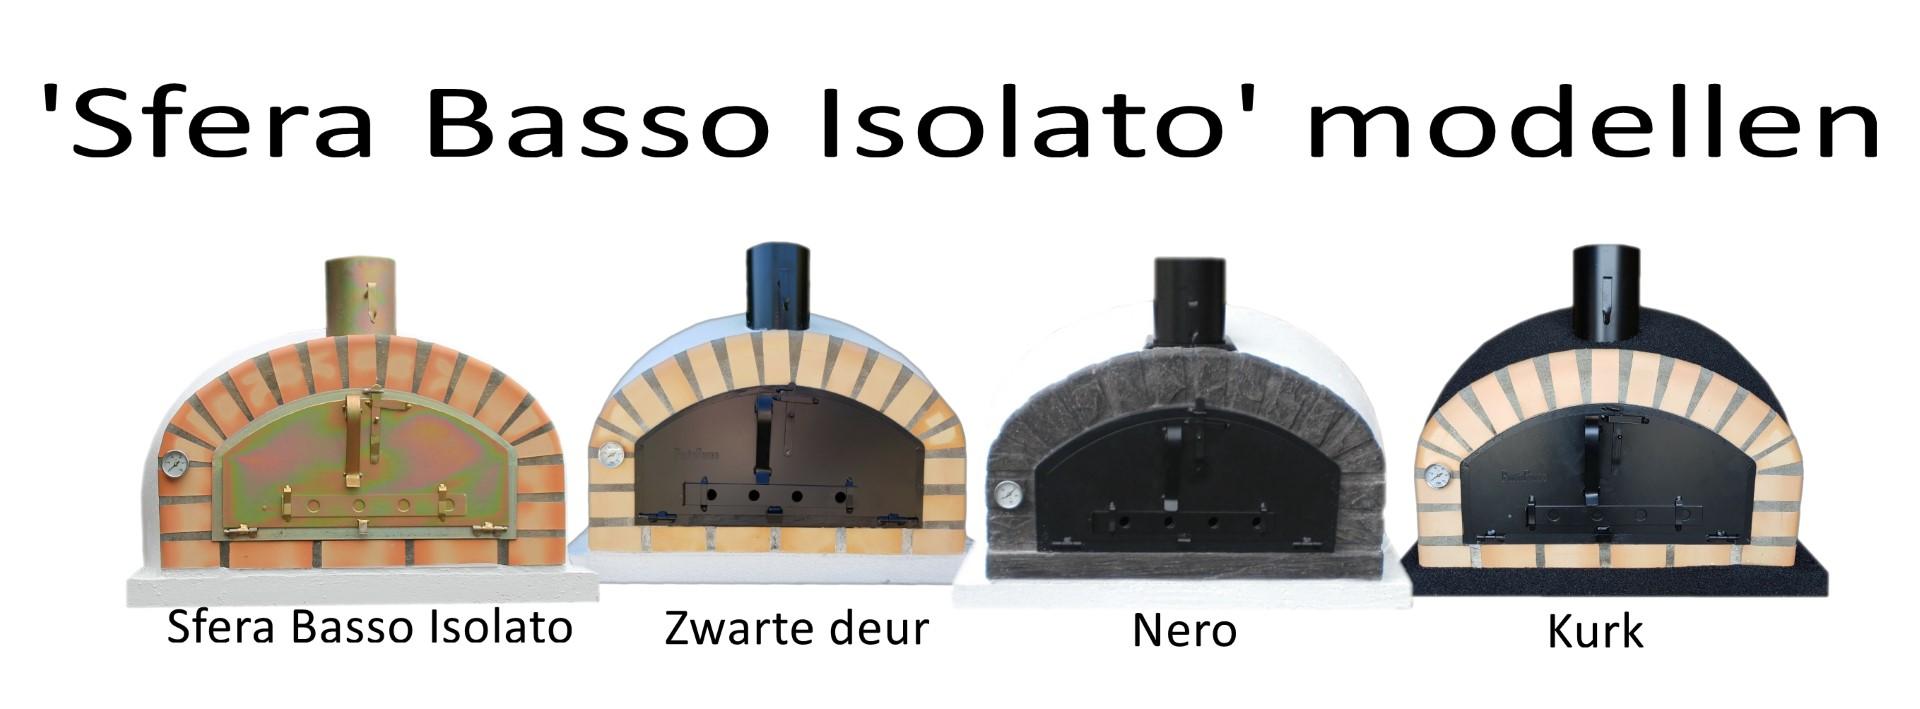 Steenoven modellen Sfera Basso Isolato